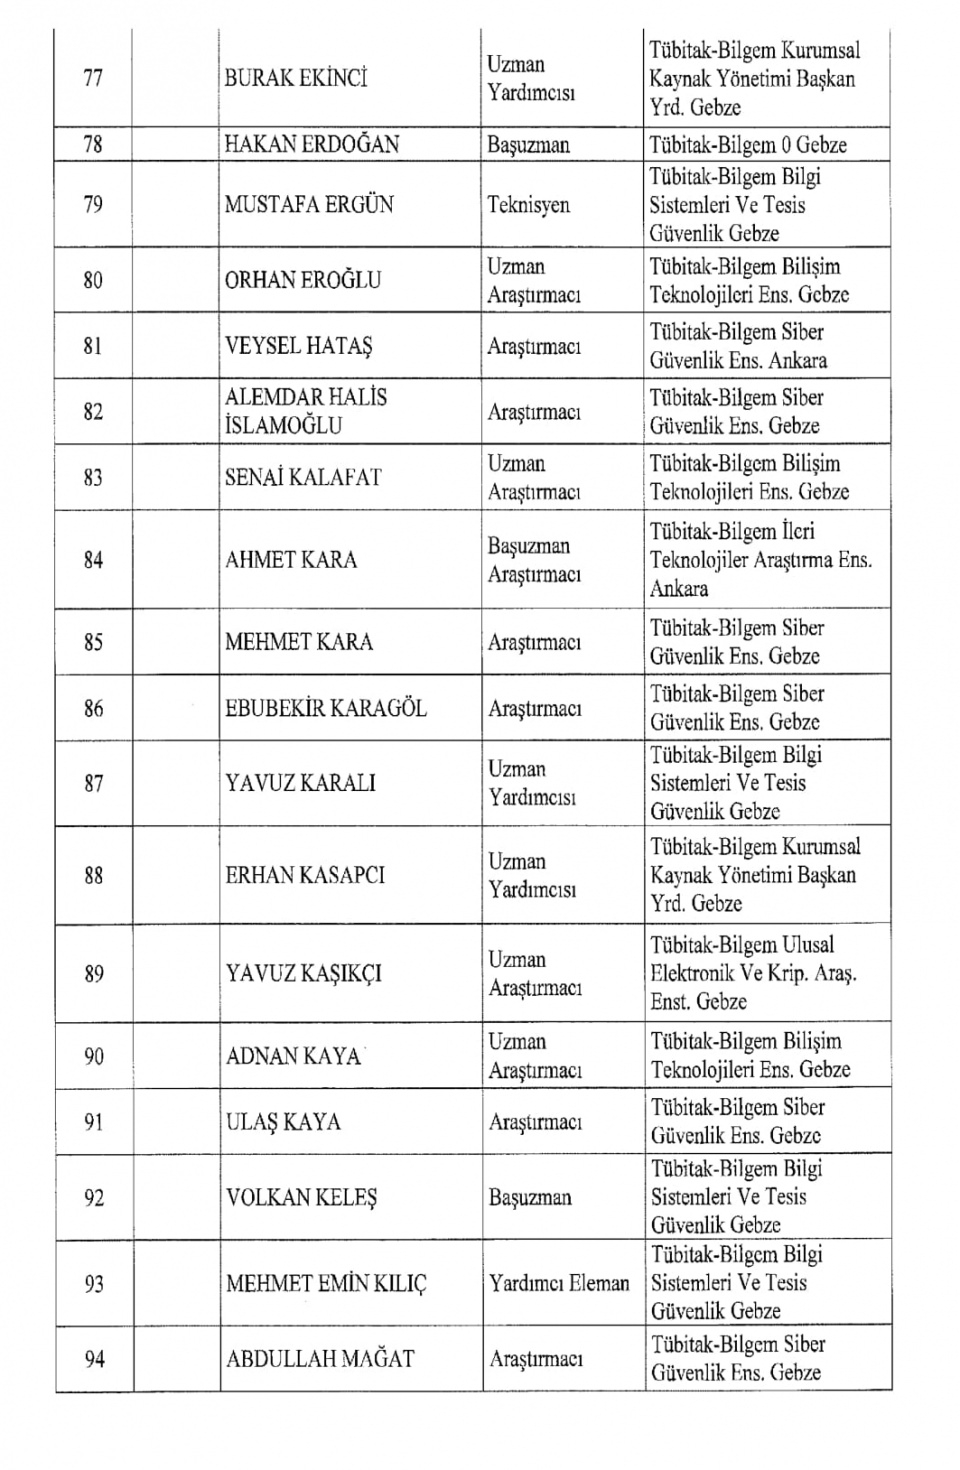 İşte kamuda ihraç edilenlerin tam listesi 96